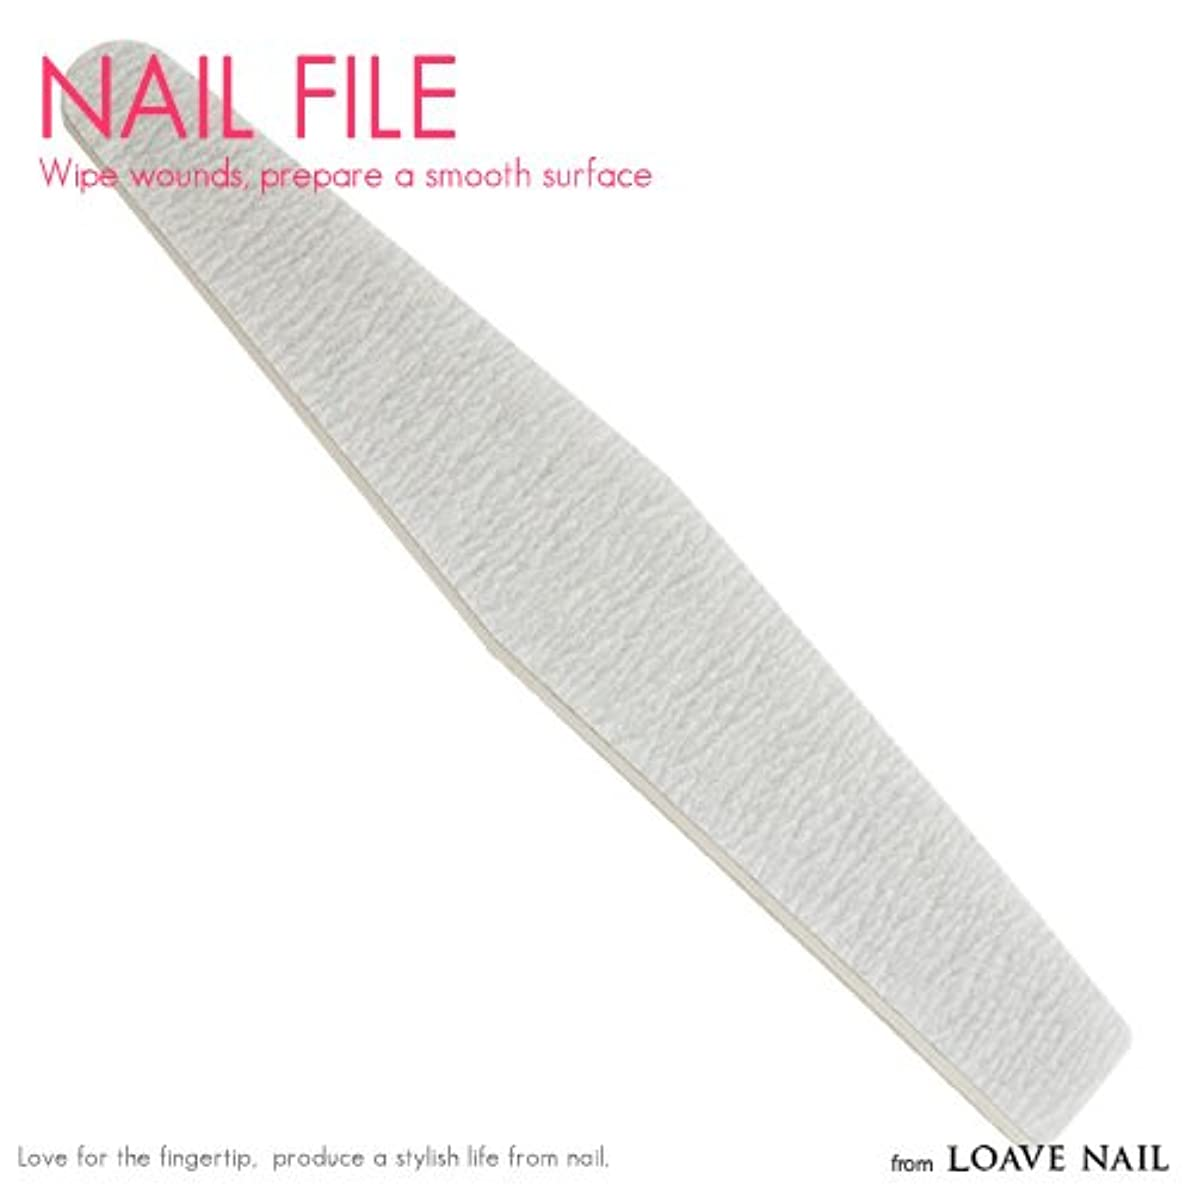 告白する三角形機転ネイルファイル 100/180 ジェルネイル ネイル用品